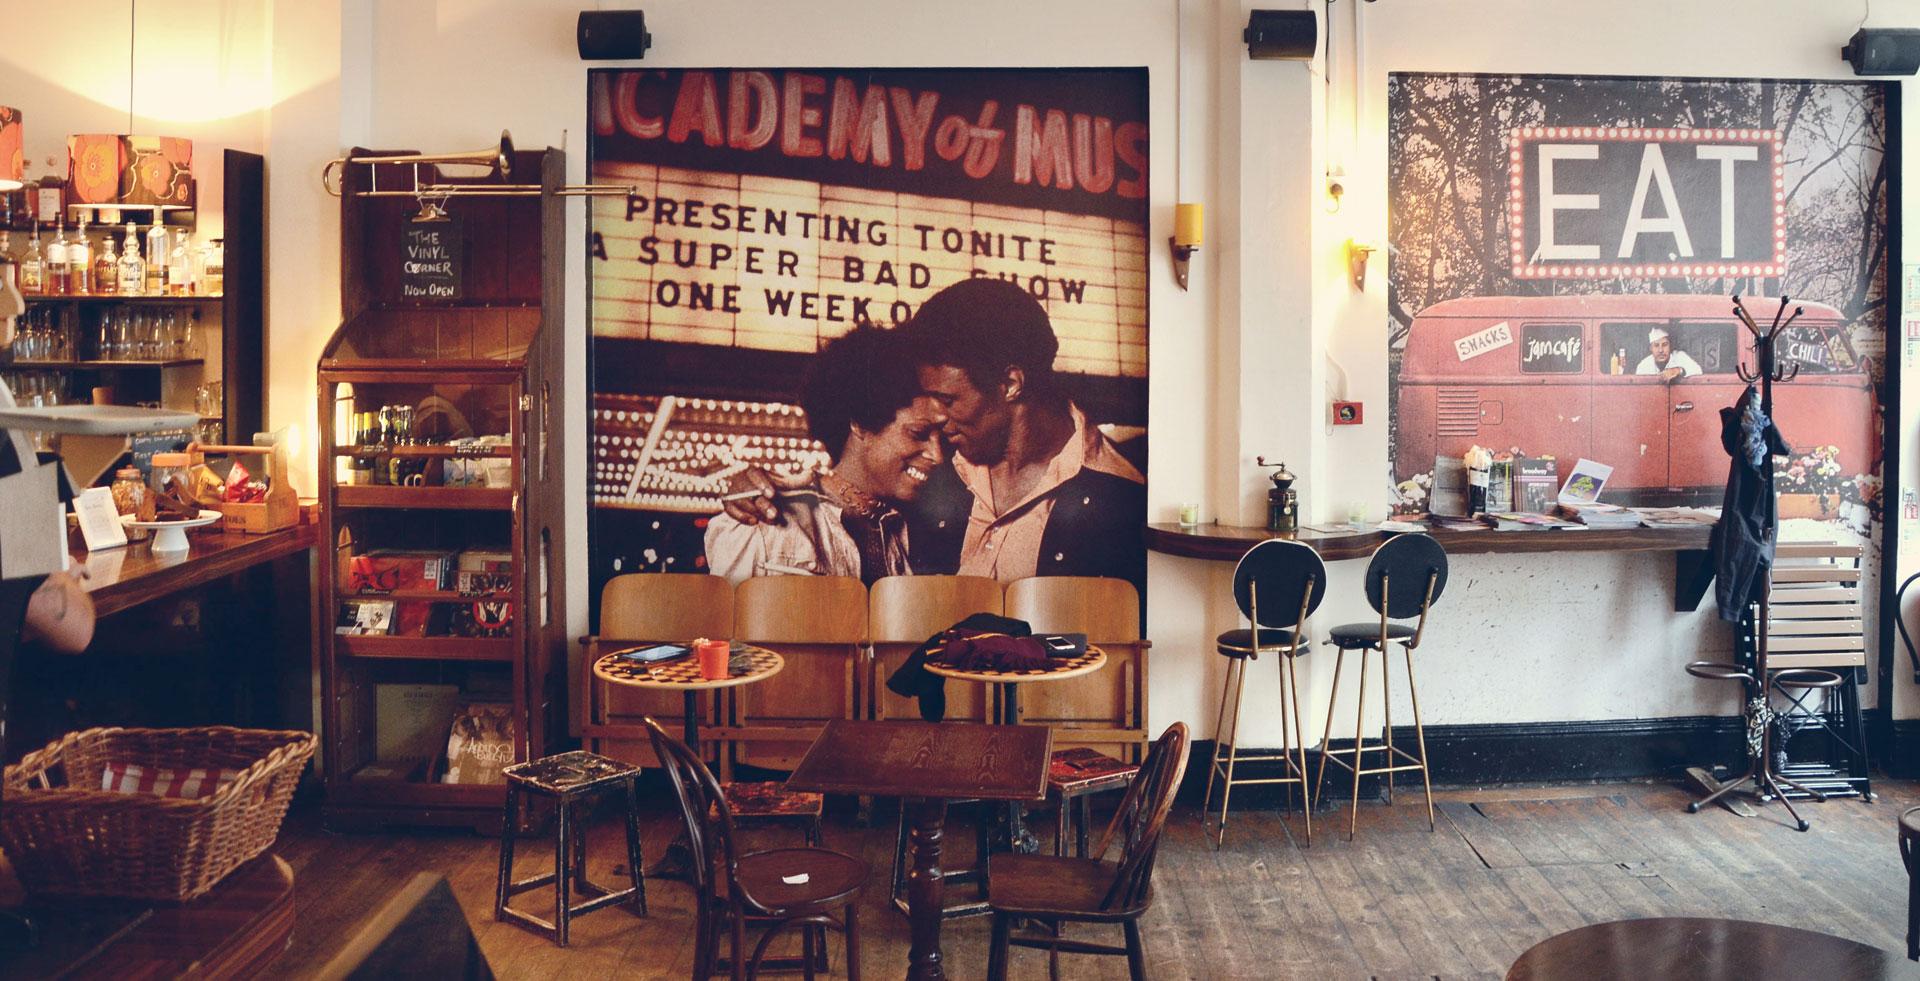 (image of Jamcafe bar) Jamcafe